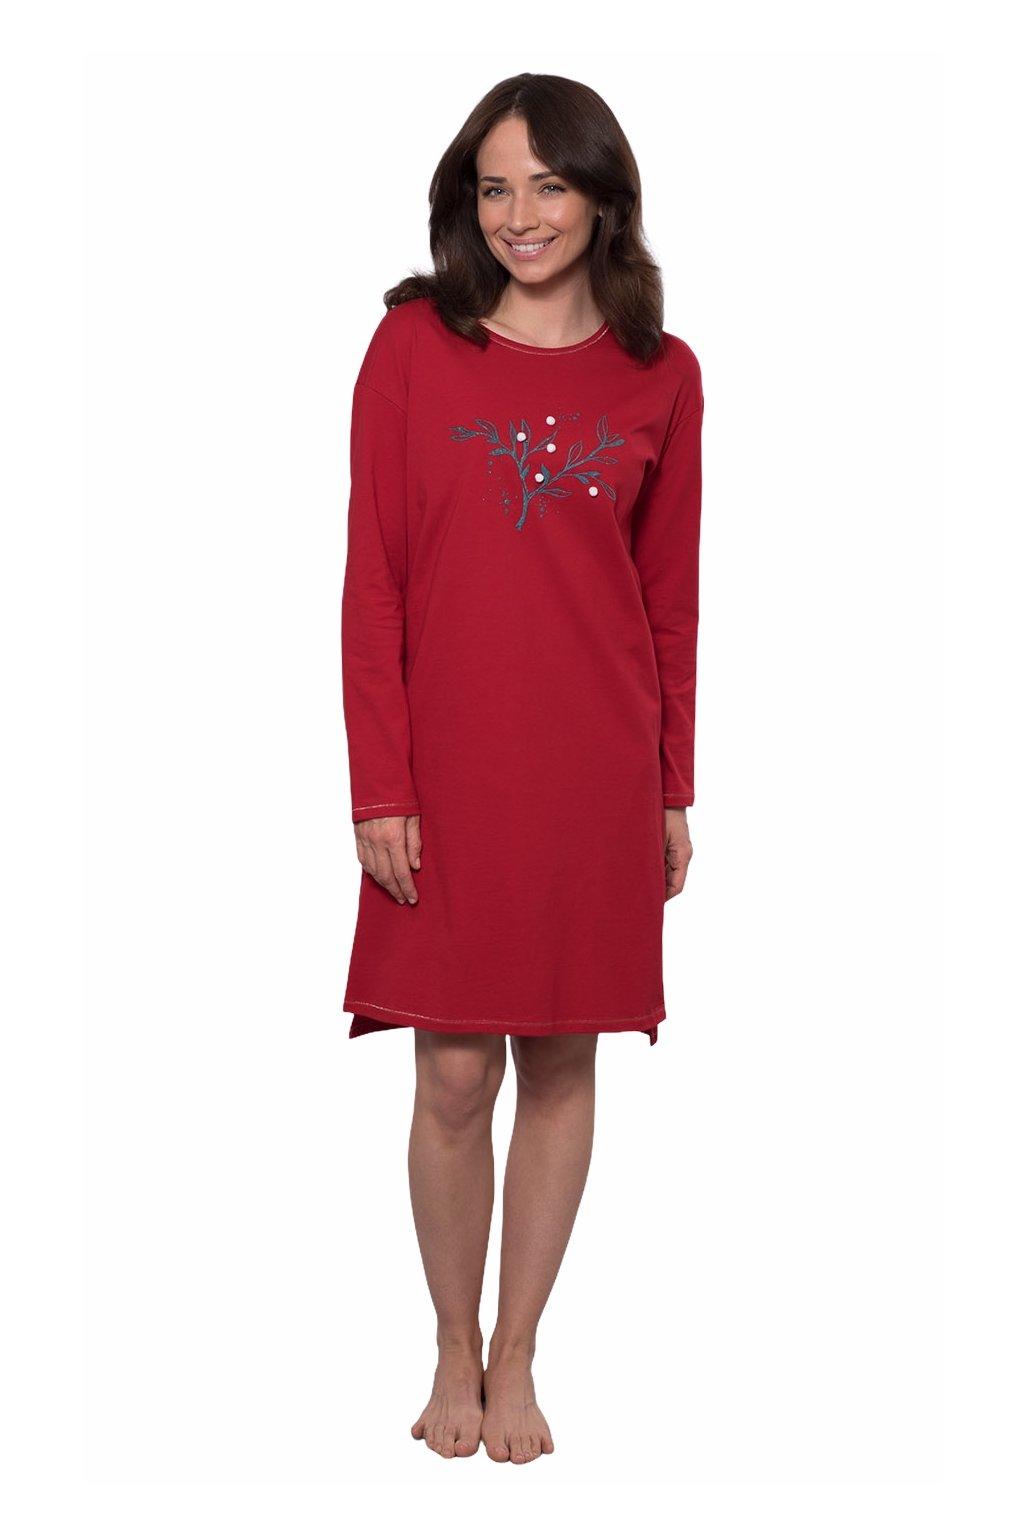 Dámská noční košile s dlouhým rukávem, 104537 293, červená